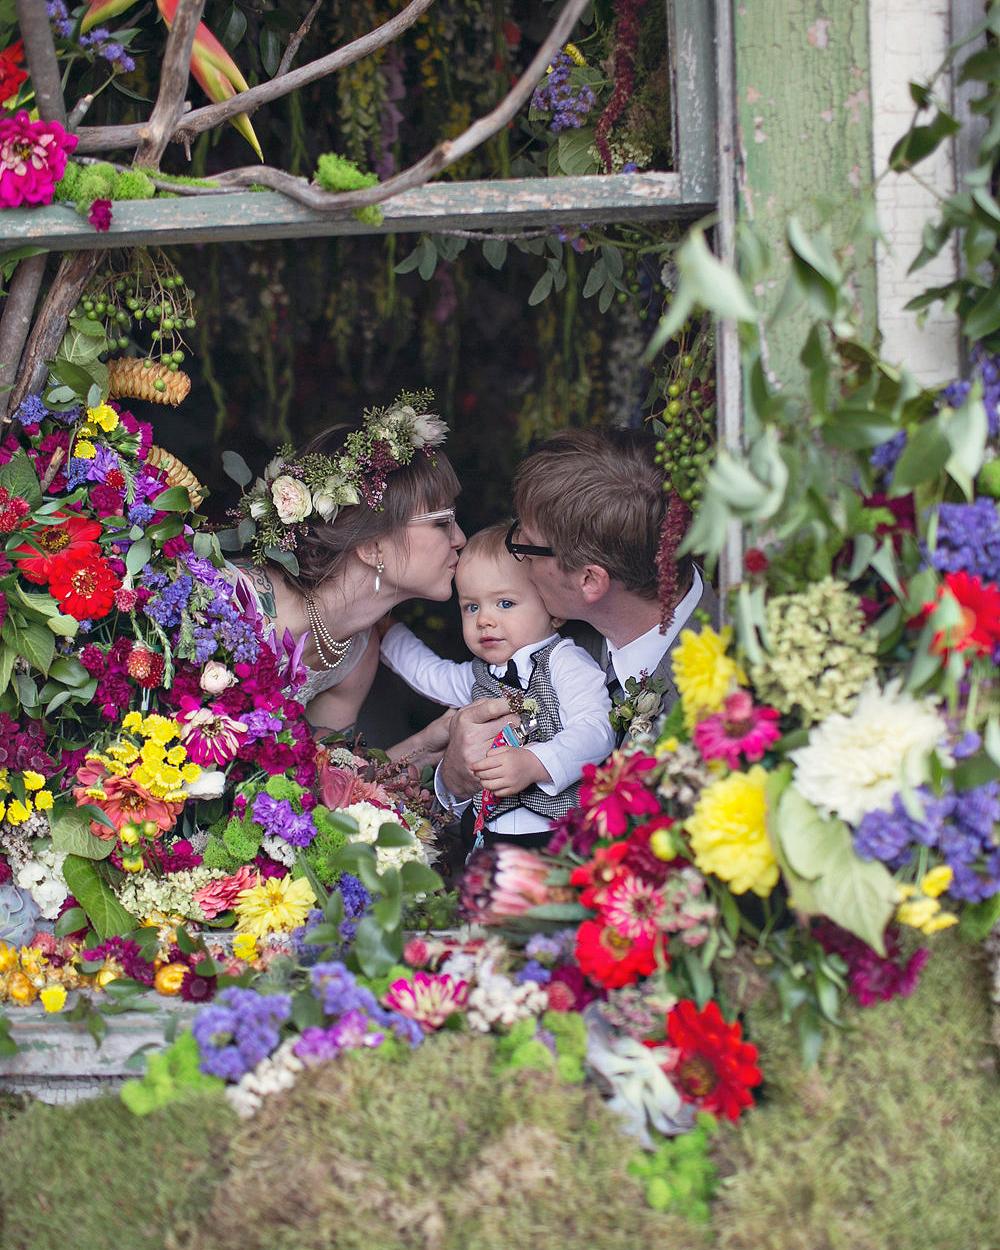 kristen-steve-flowerhouse-wedding-family-6313-s113059-0616.jpg